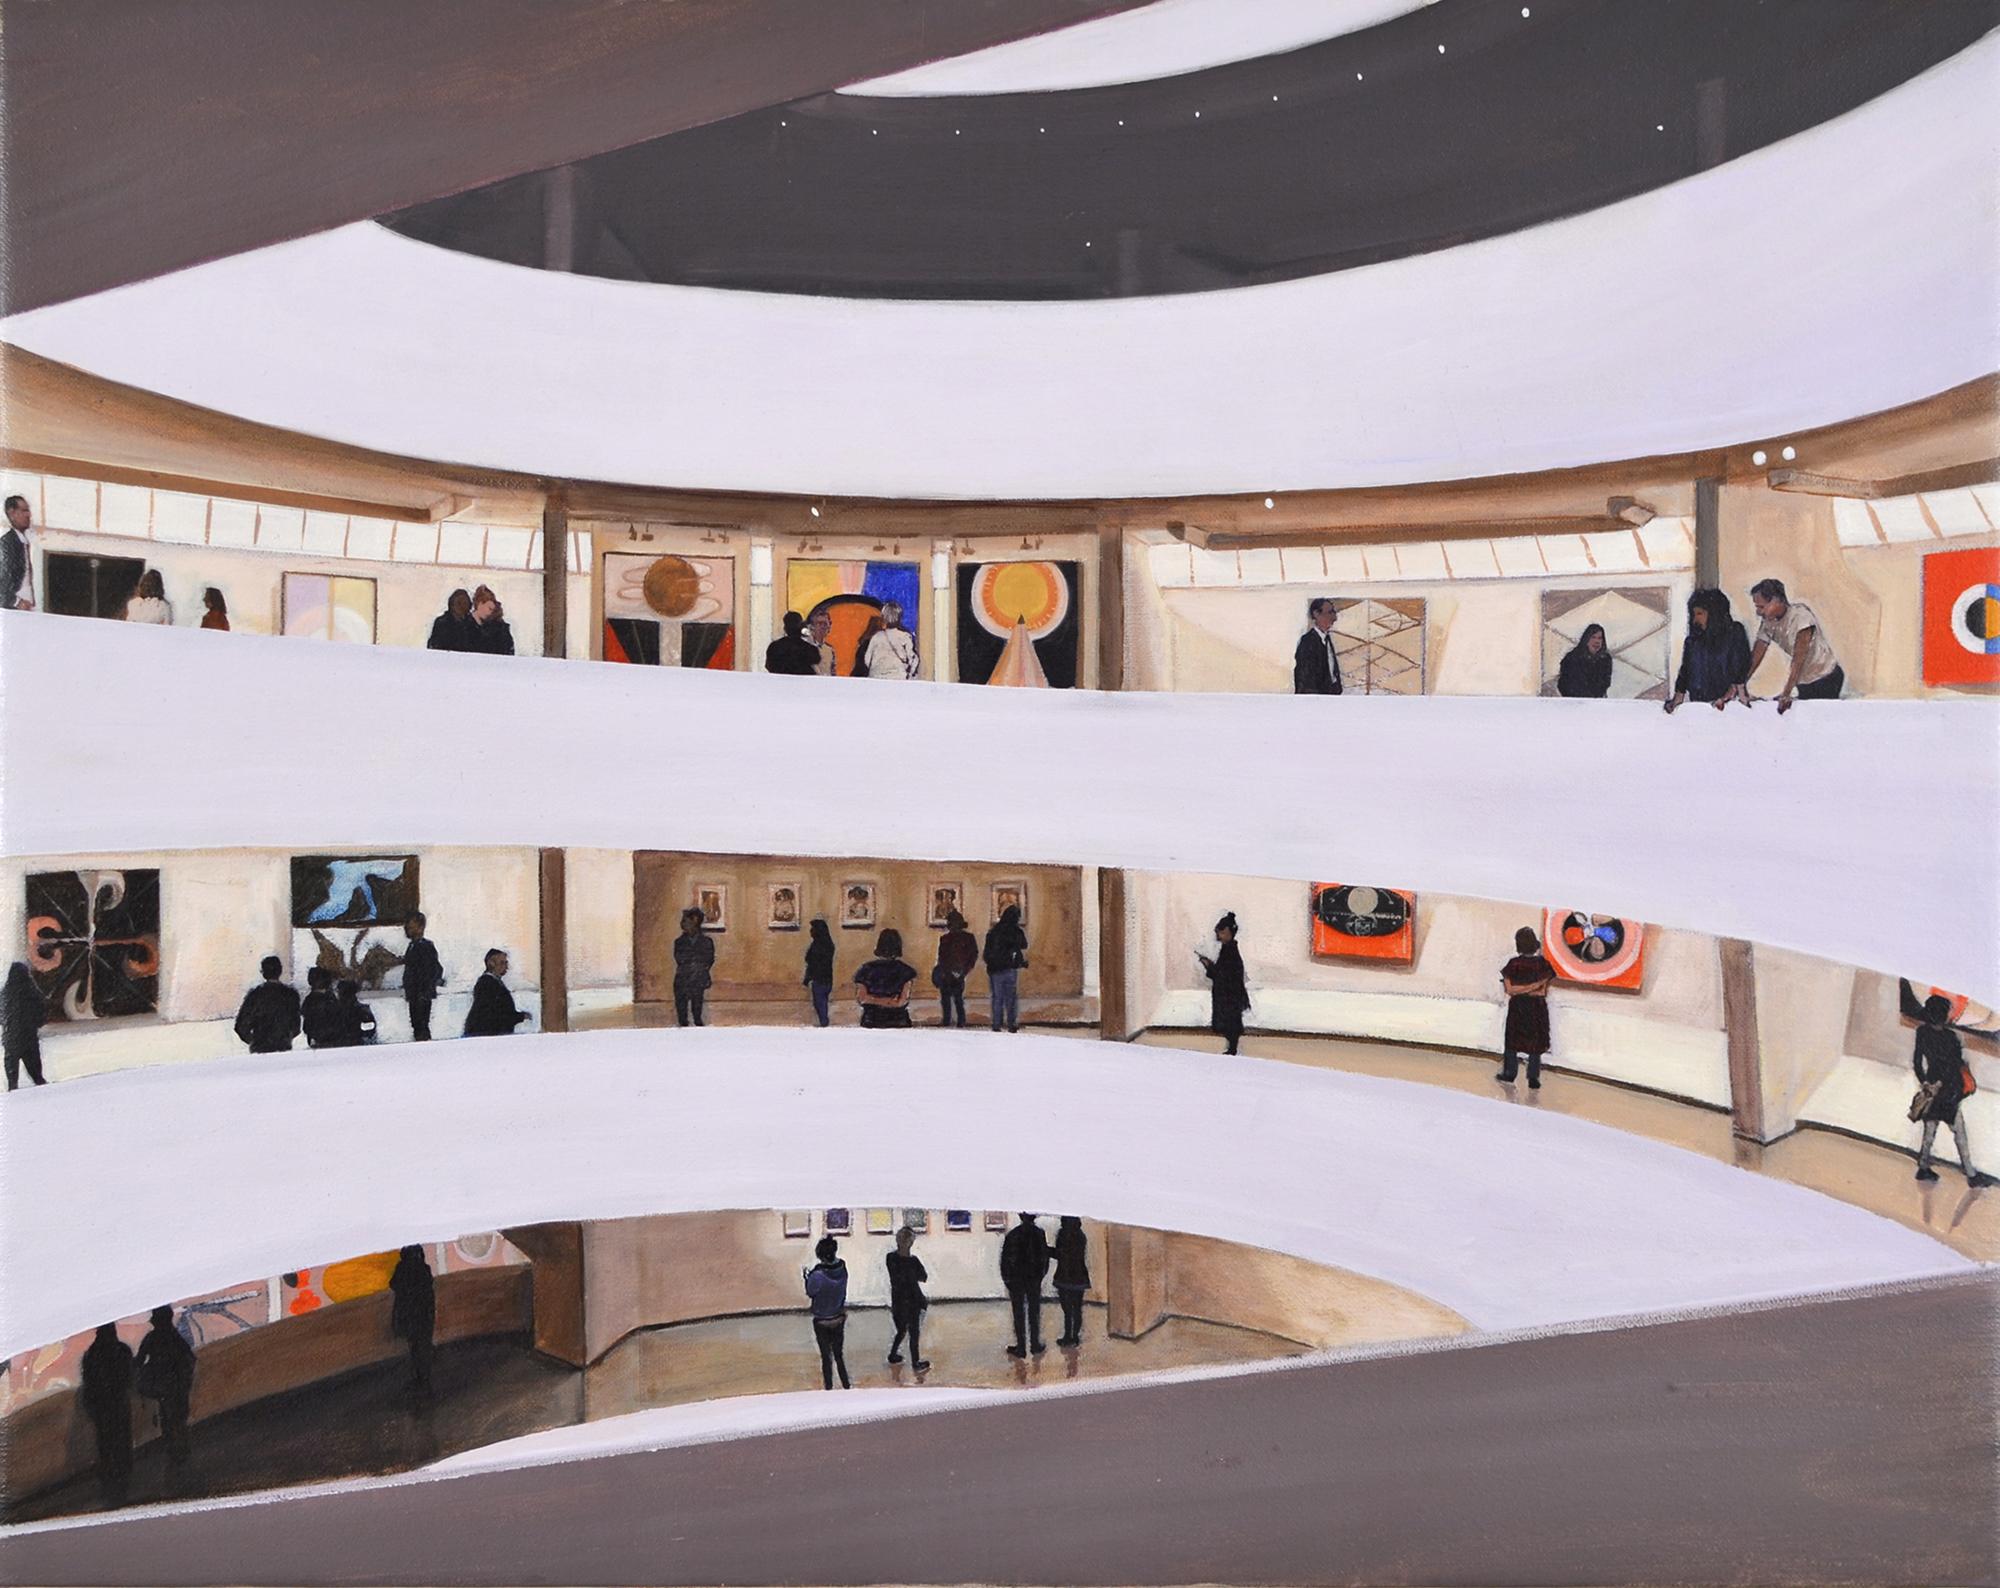 Hilma af Klint / Guggenheim (Overview)